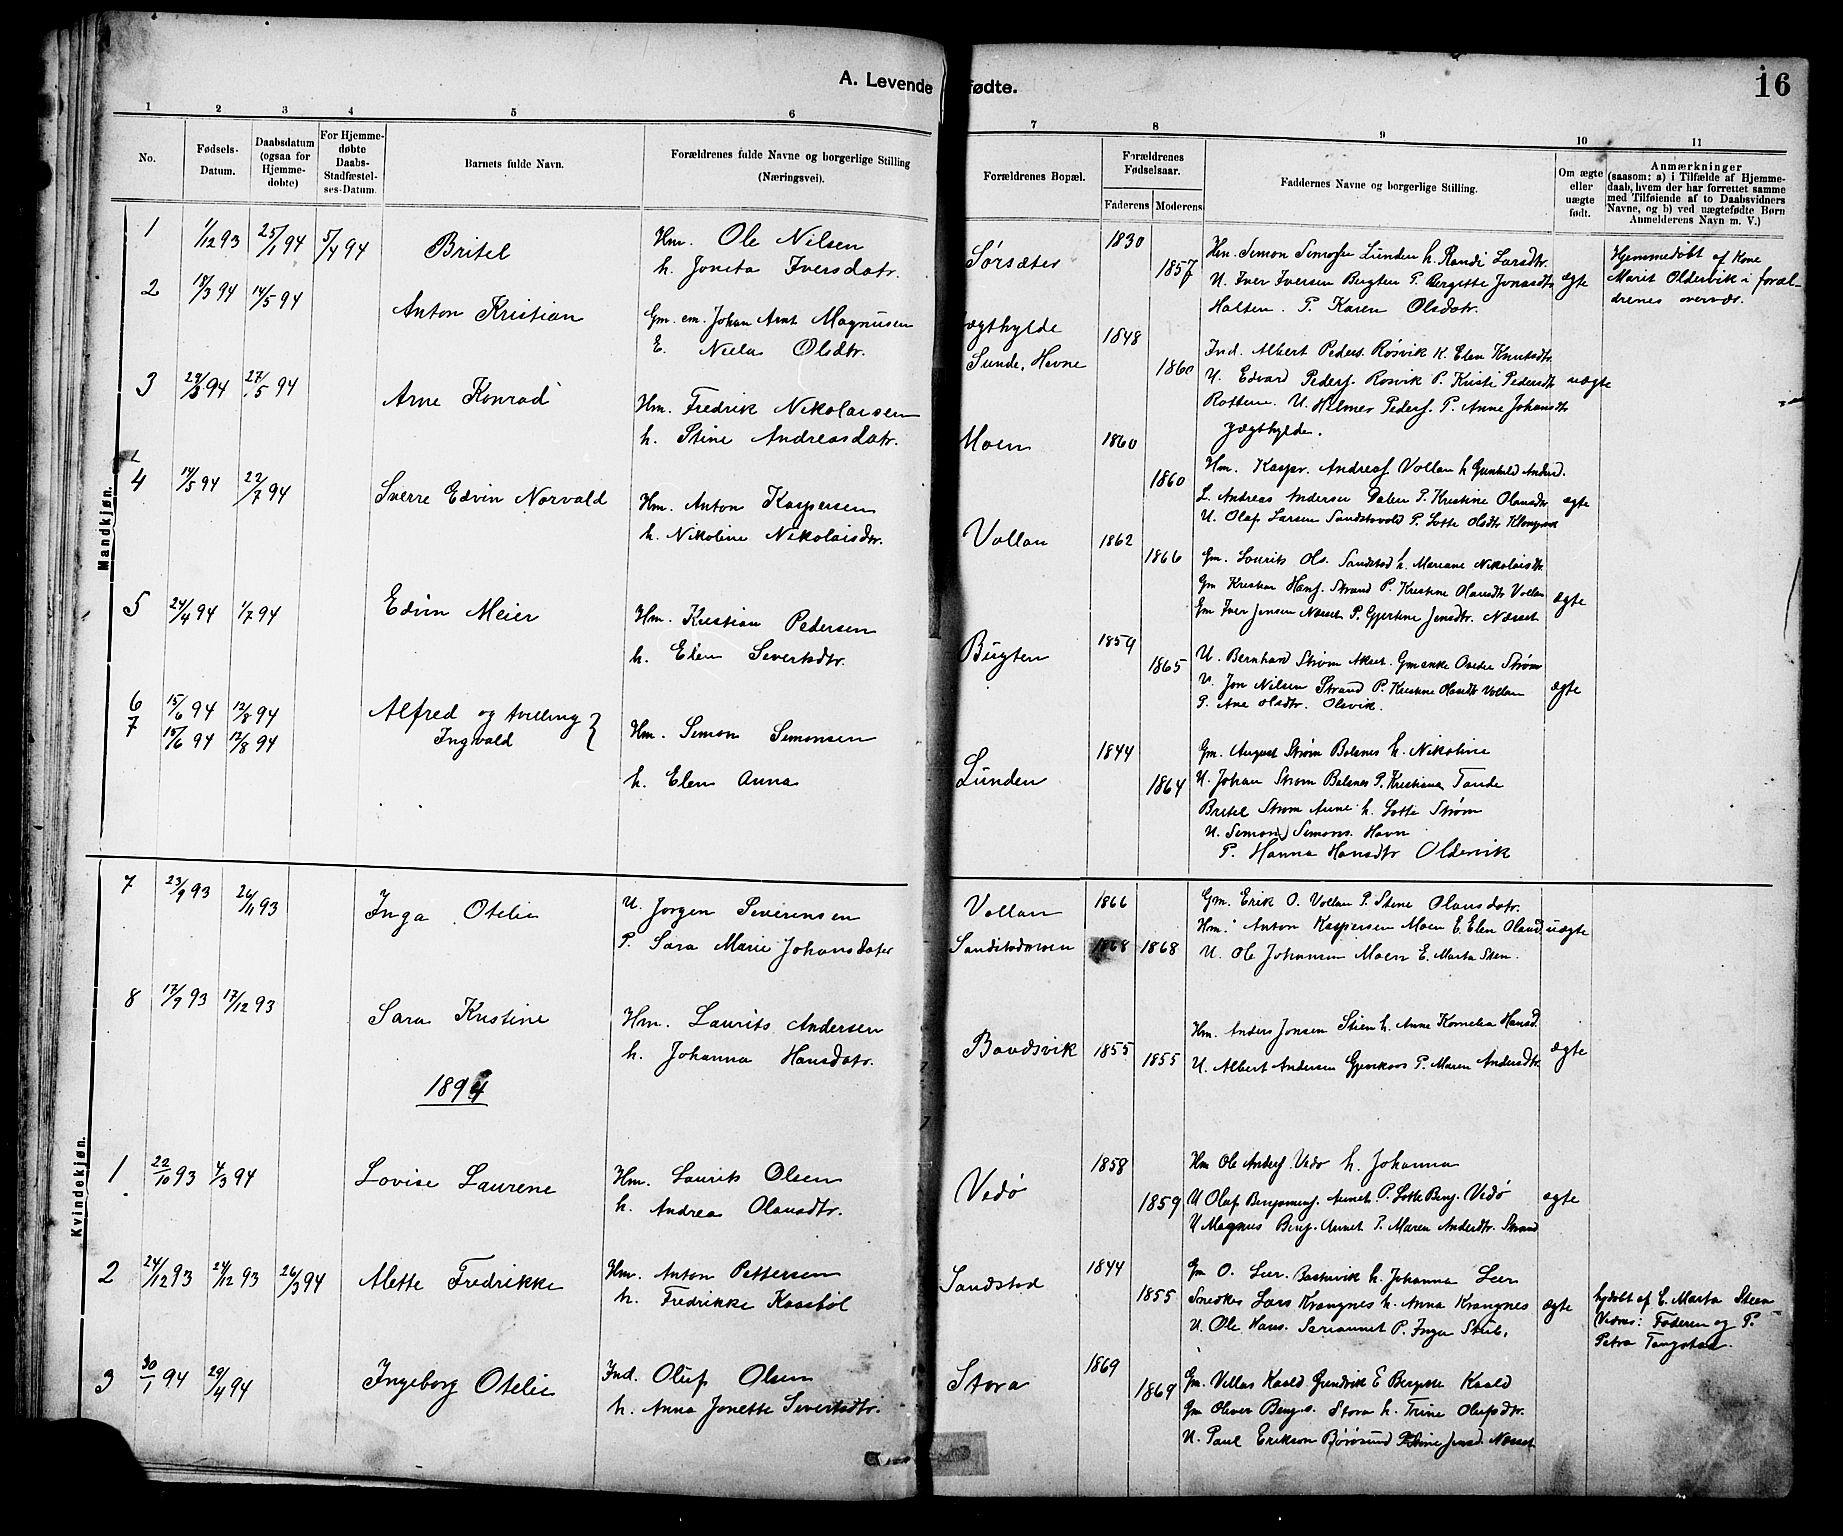 SAT, Ministerialprotokoller, klokkerbøker og fødselsregistre - Sør-Trøndelag, 639/L0573: Klokkerbok nr. 639C01, 1890-1905, s. 16